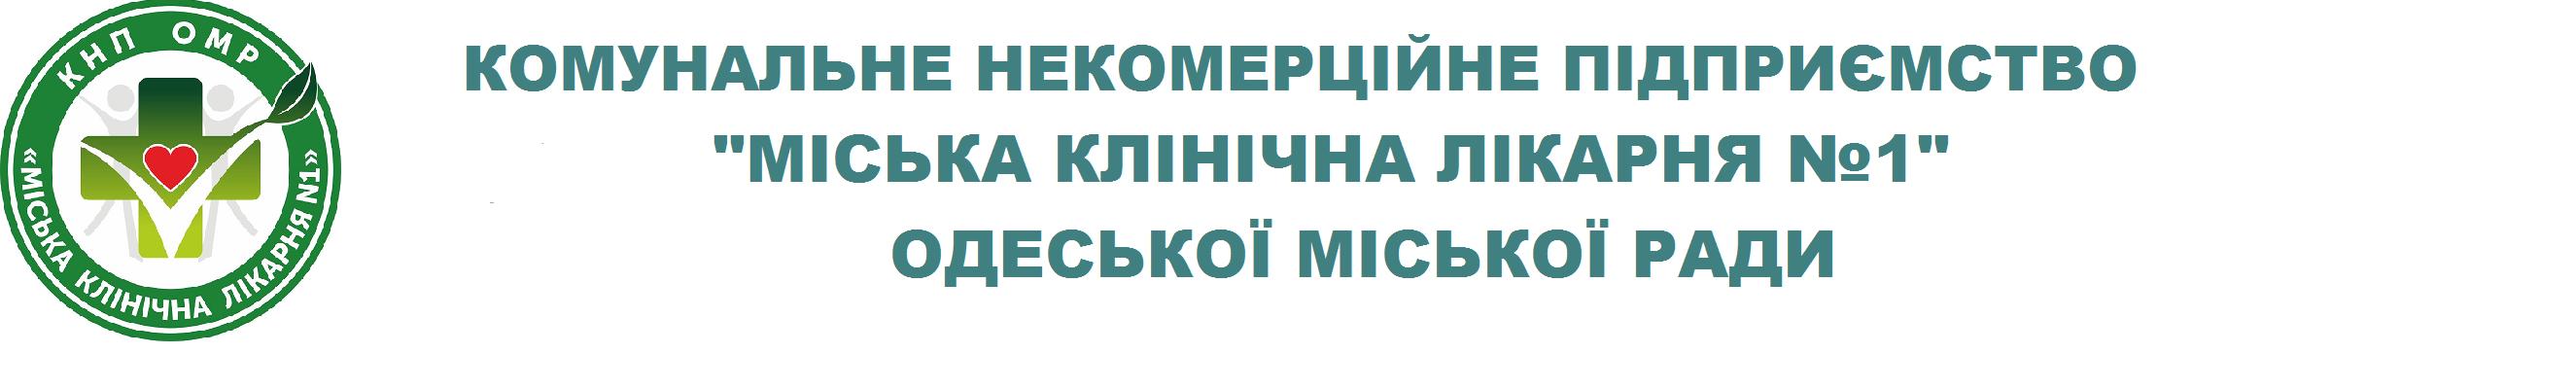 Комунальне некомерційне підприємство «Міська клінічна лікарня №1» Одеської міської ради